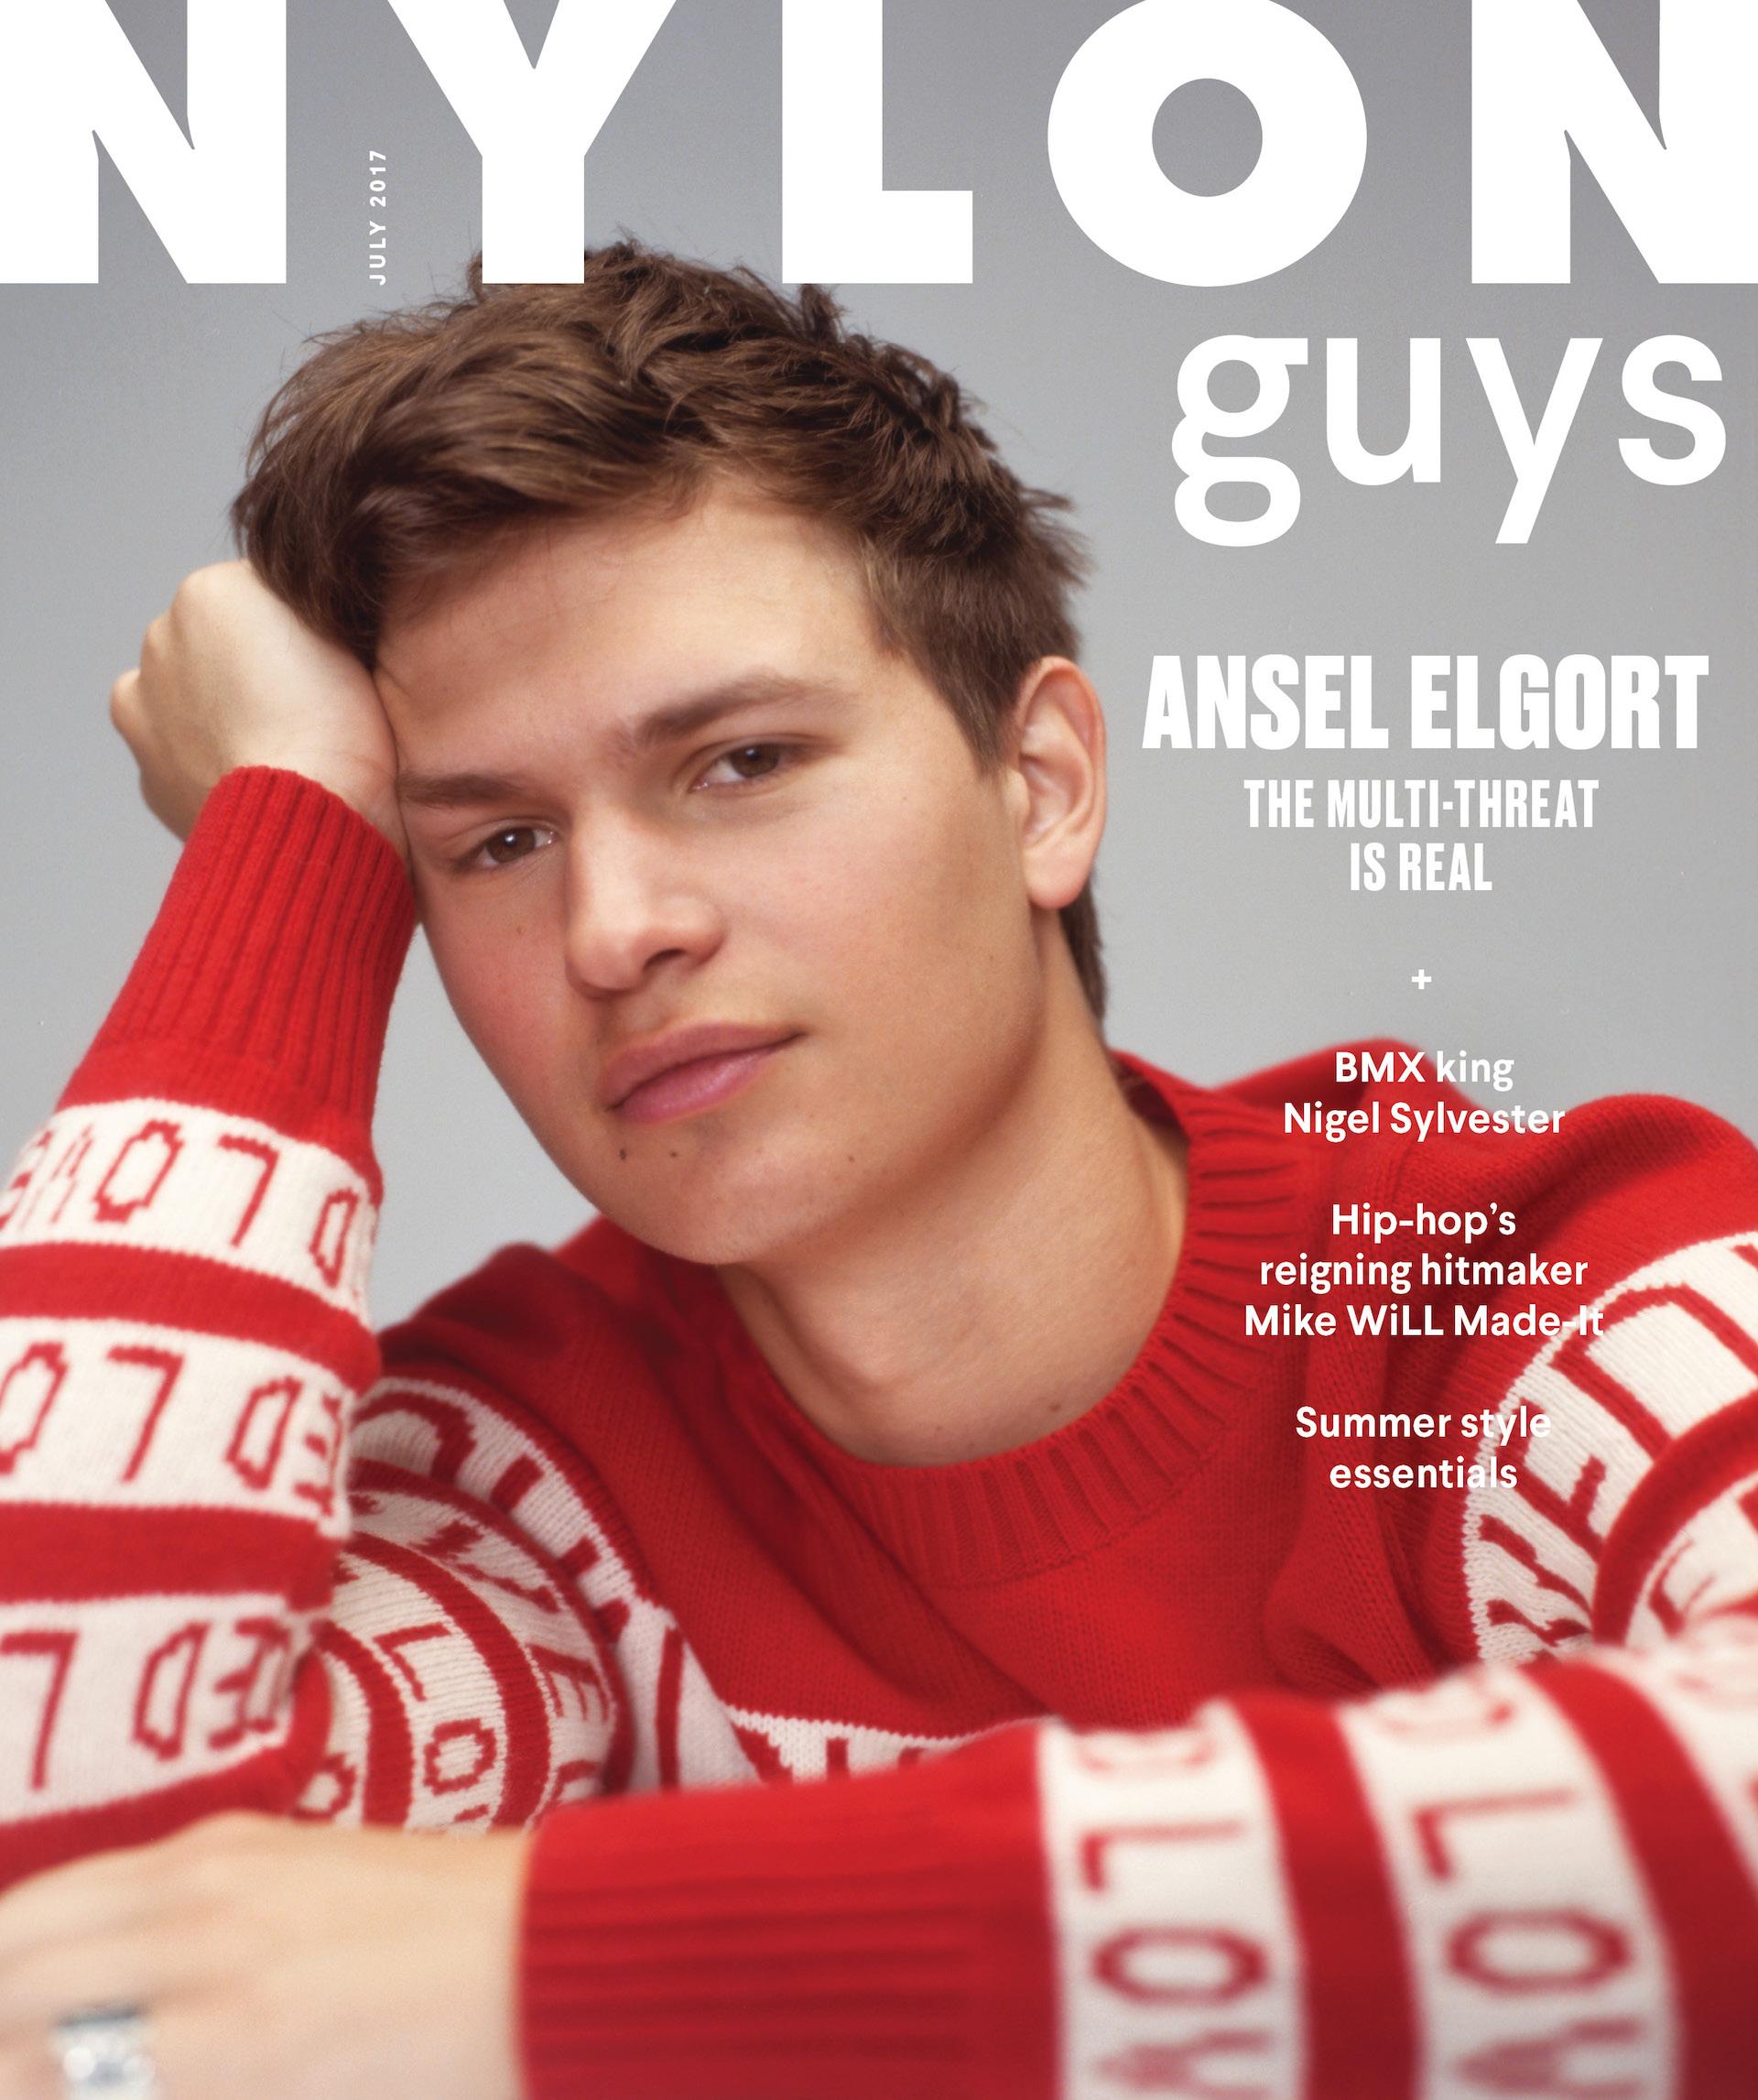 Ansel Elgort Is Our NYLON Guys June/July Cover Star - NYLON